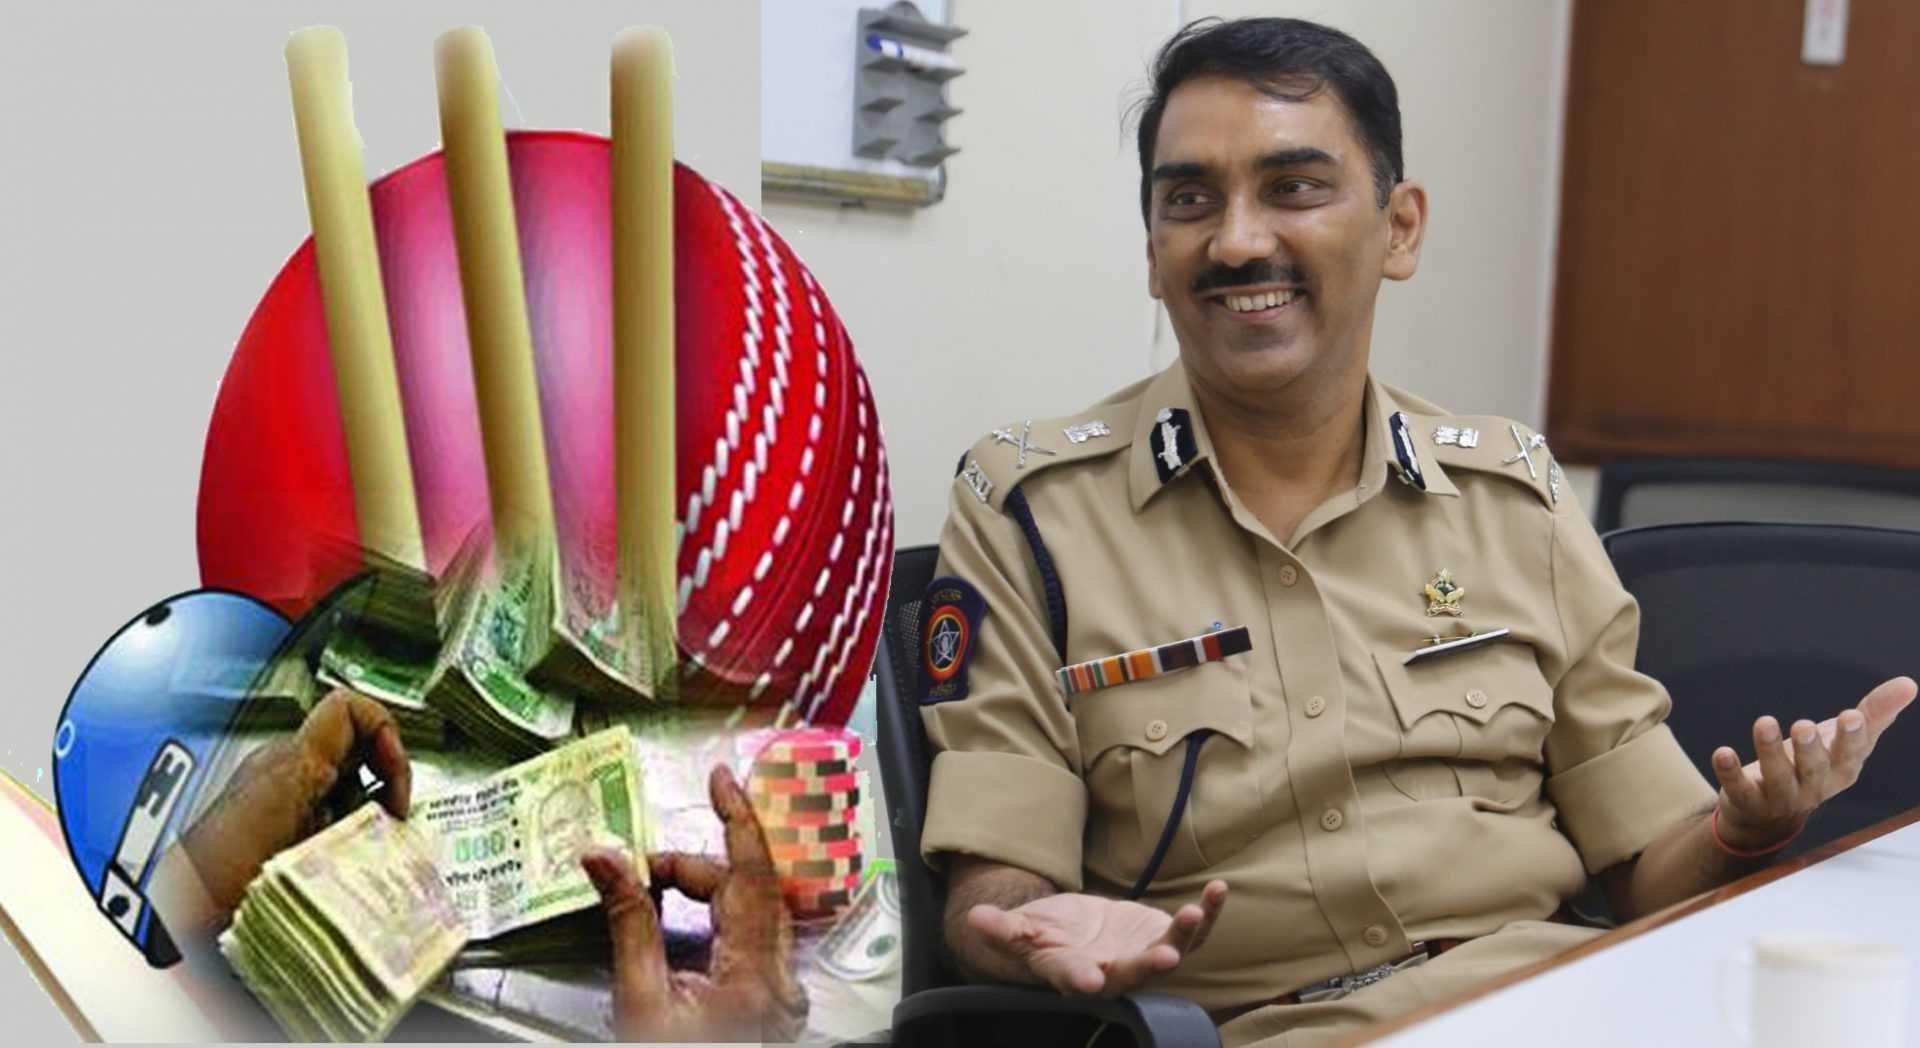 सट्टाकिंग भुतडा -जैन यांना अटक: एक कोटी रुपये रोकड जप्त-पुणे पोलिसांची कारवाई